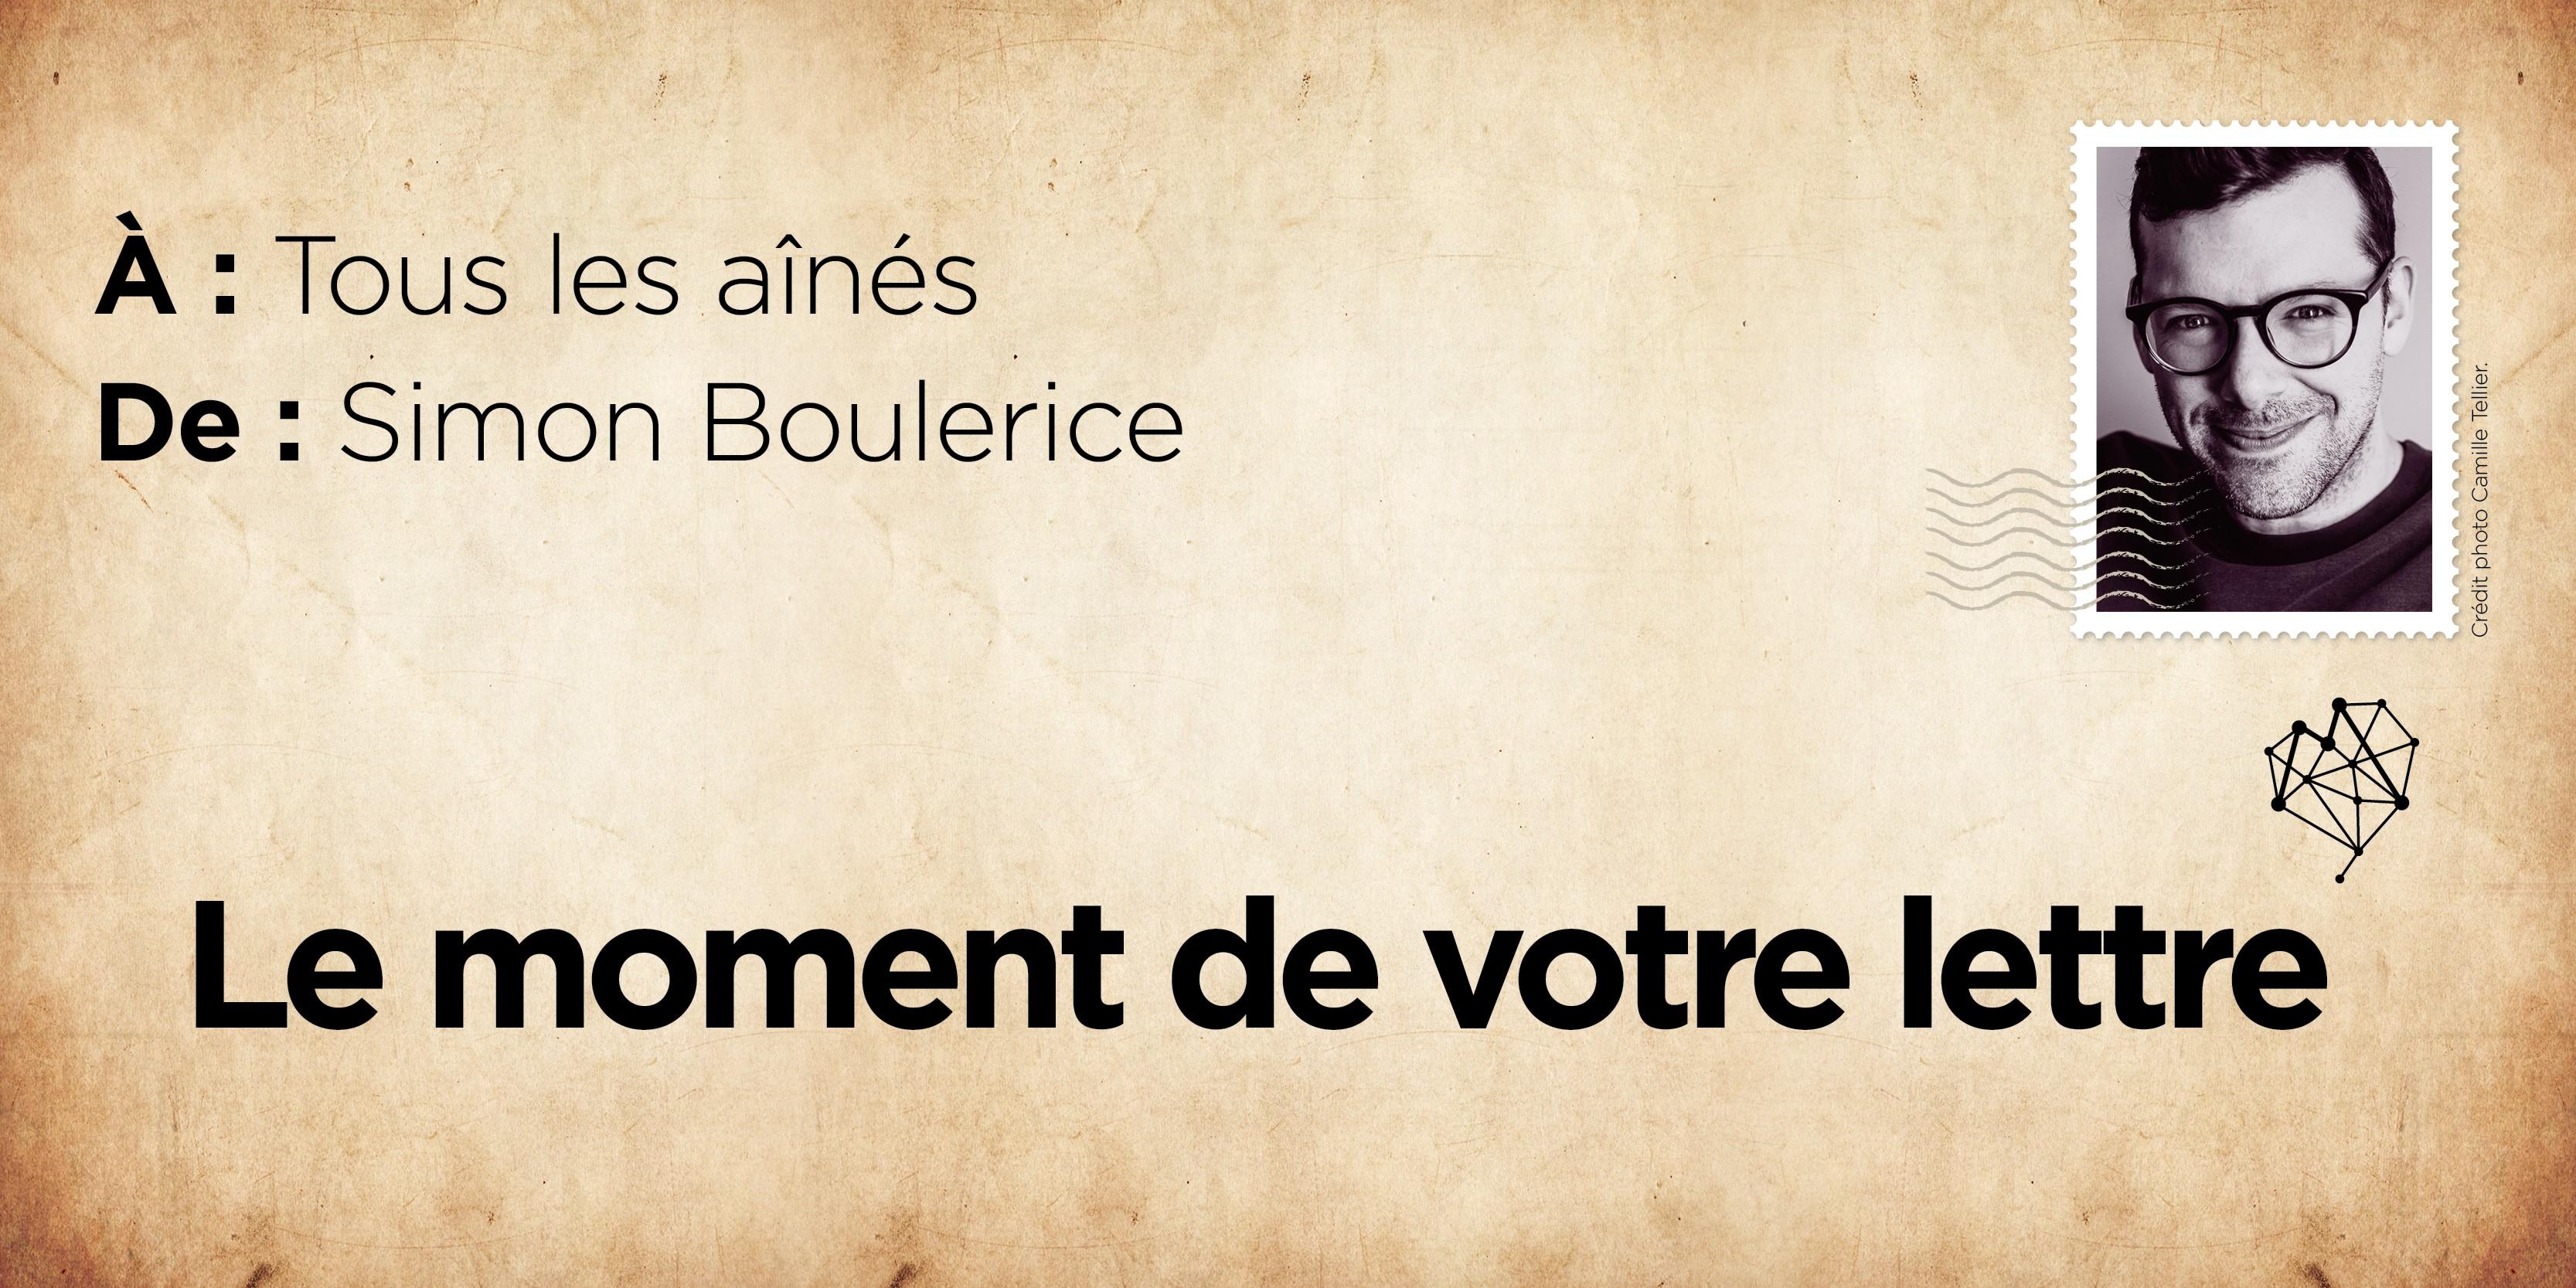 Simon Boulerice lettre aînés